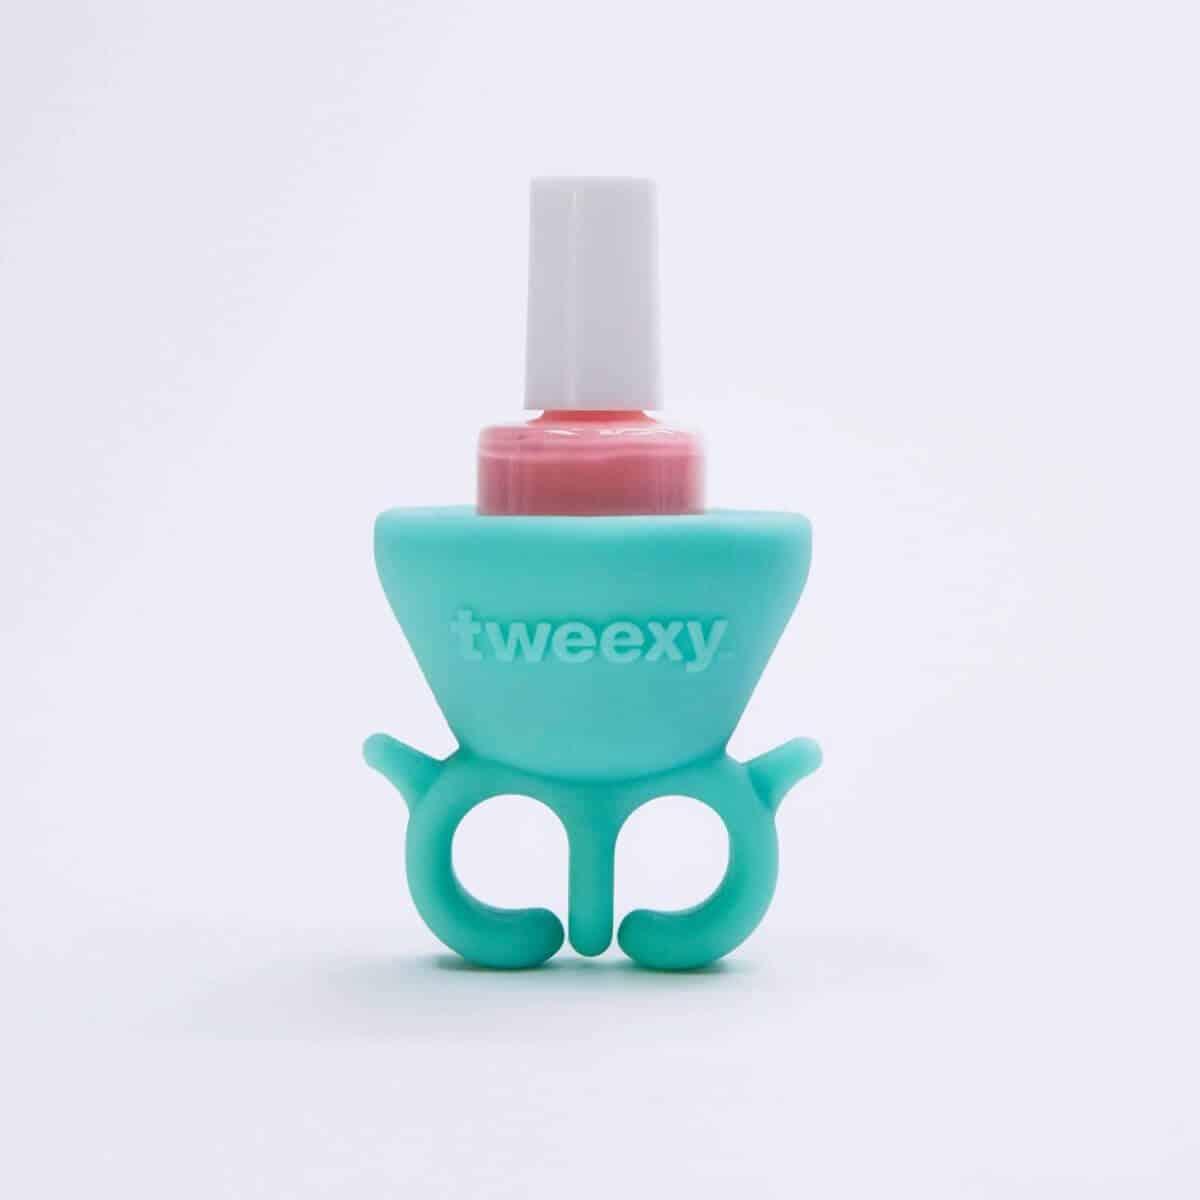 Supporto boccettina smalto per unghie